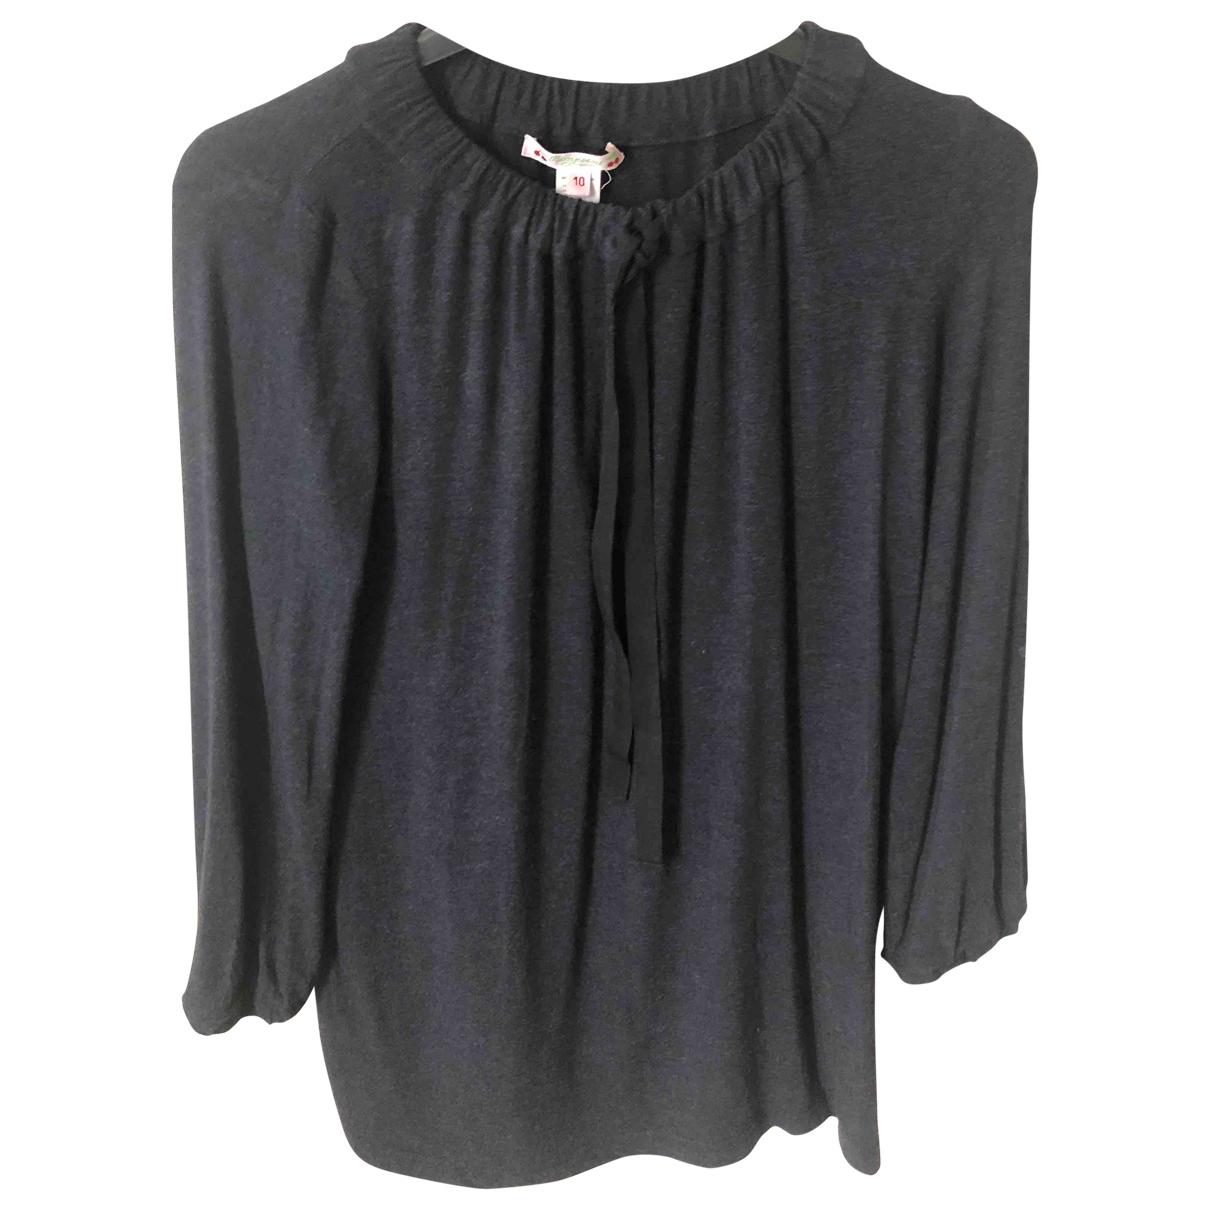 Bonpoint - Robe    pour enfant - gris